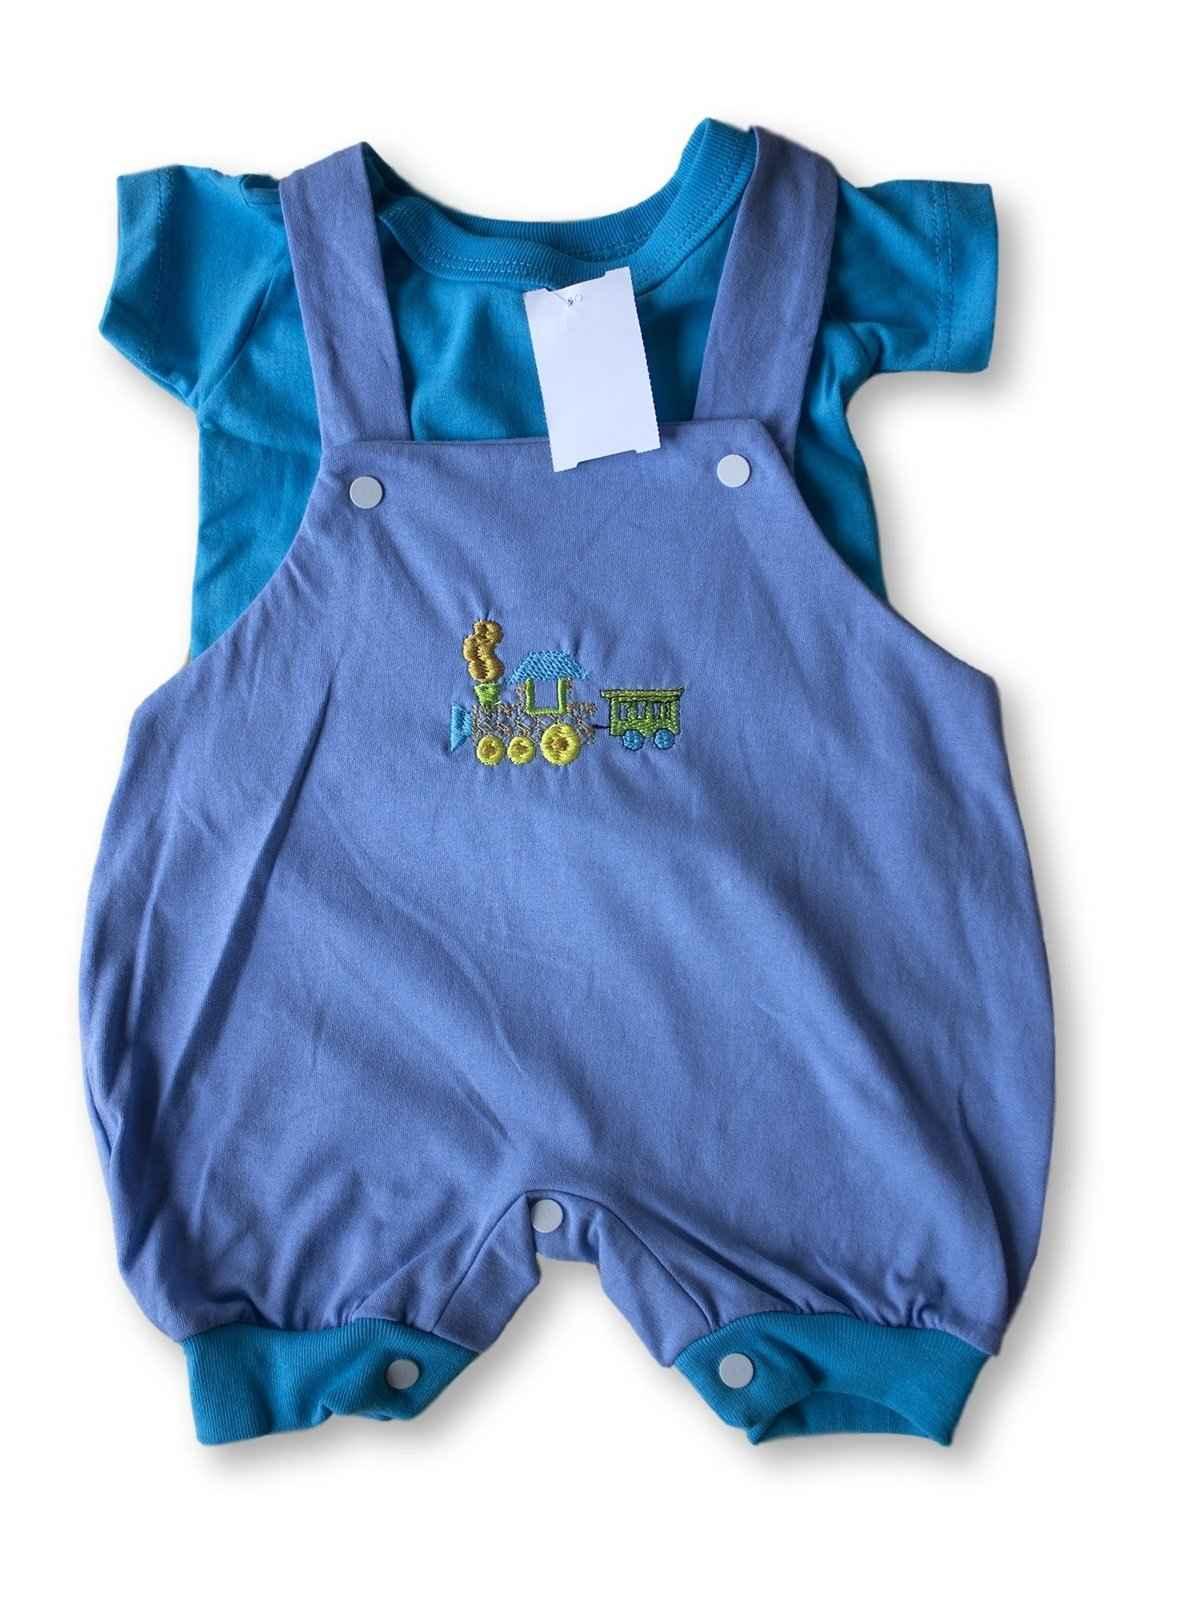 Macacão Bebe Recém Nascido Masculino Bordado Cod 9076